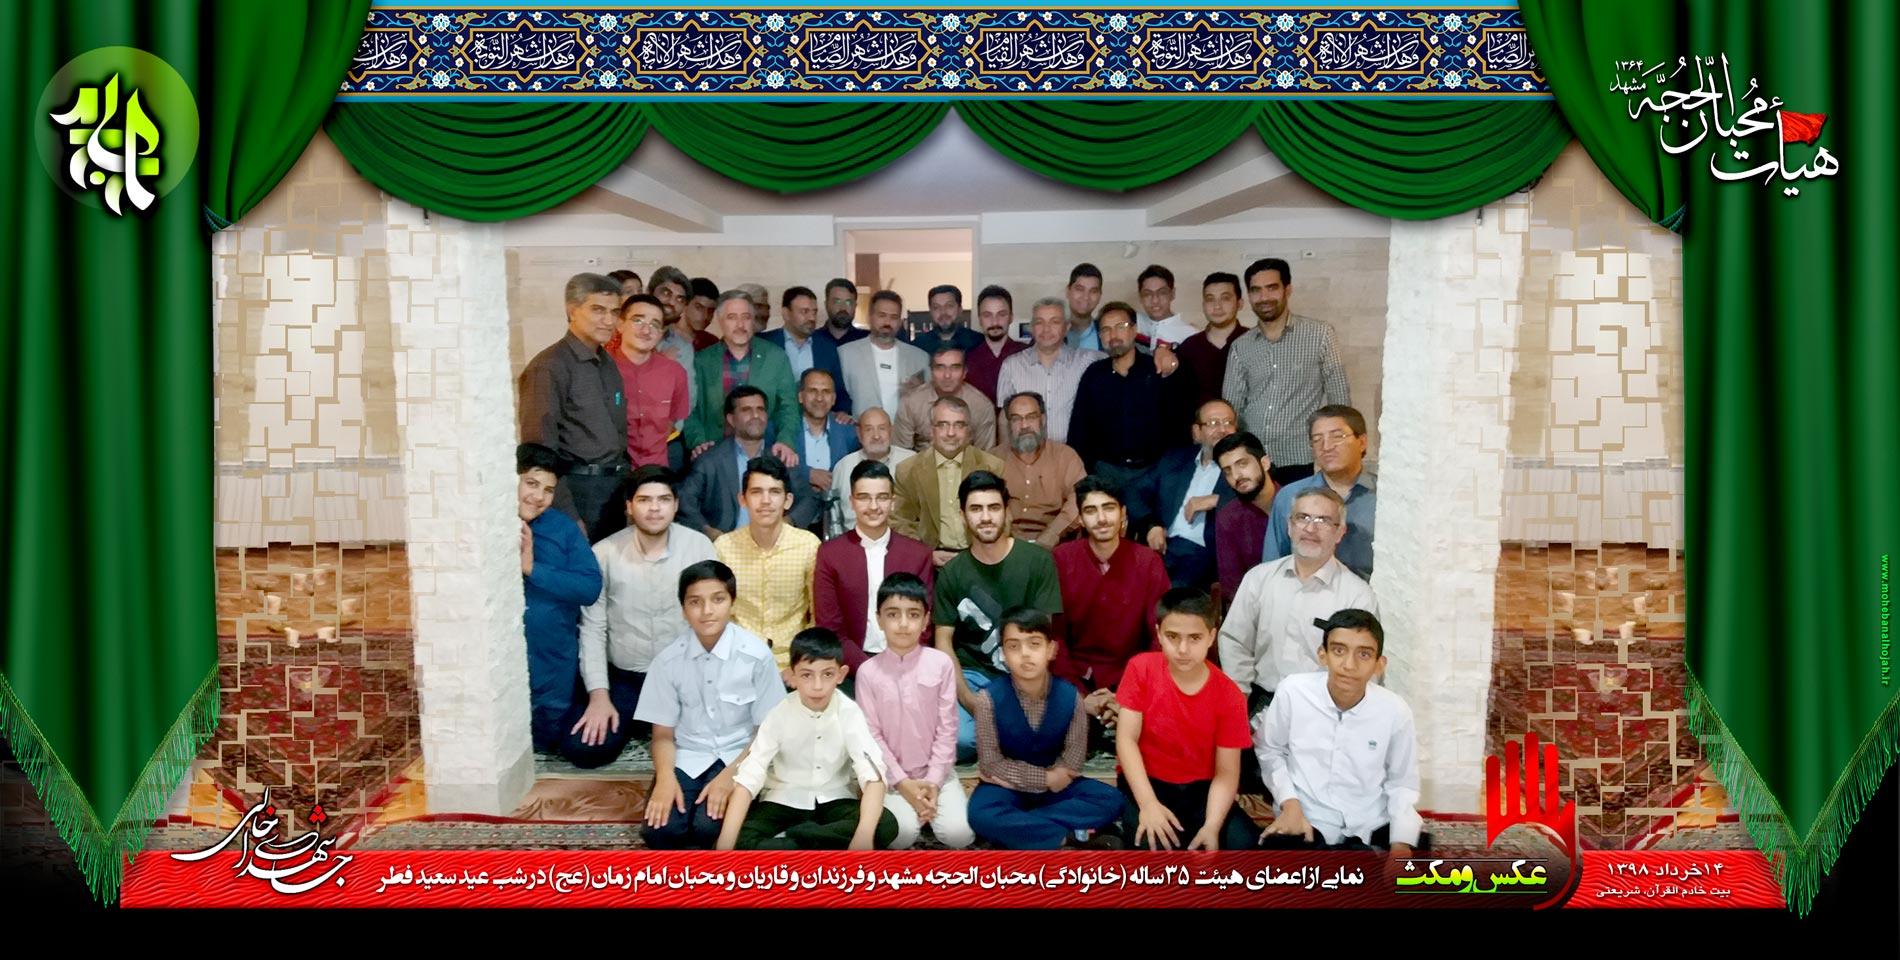 انتشار تصویر دست جمعی اعضای هیئت قرآنی و اهل بیتی «محبان الحجه» مشهد در شب عید فطر